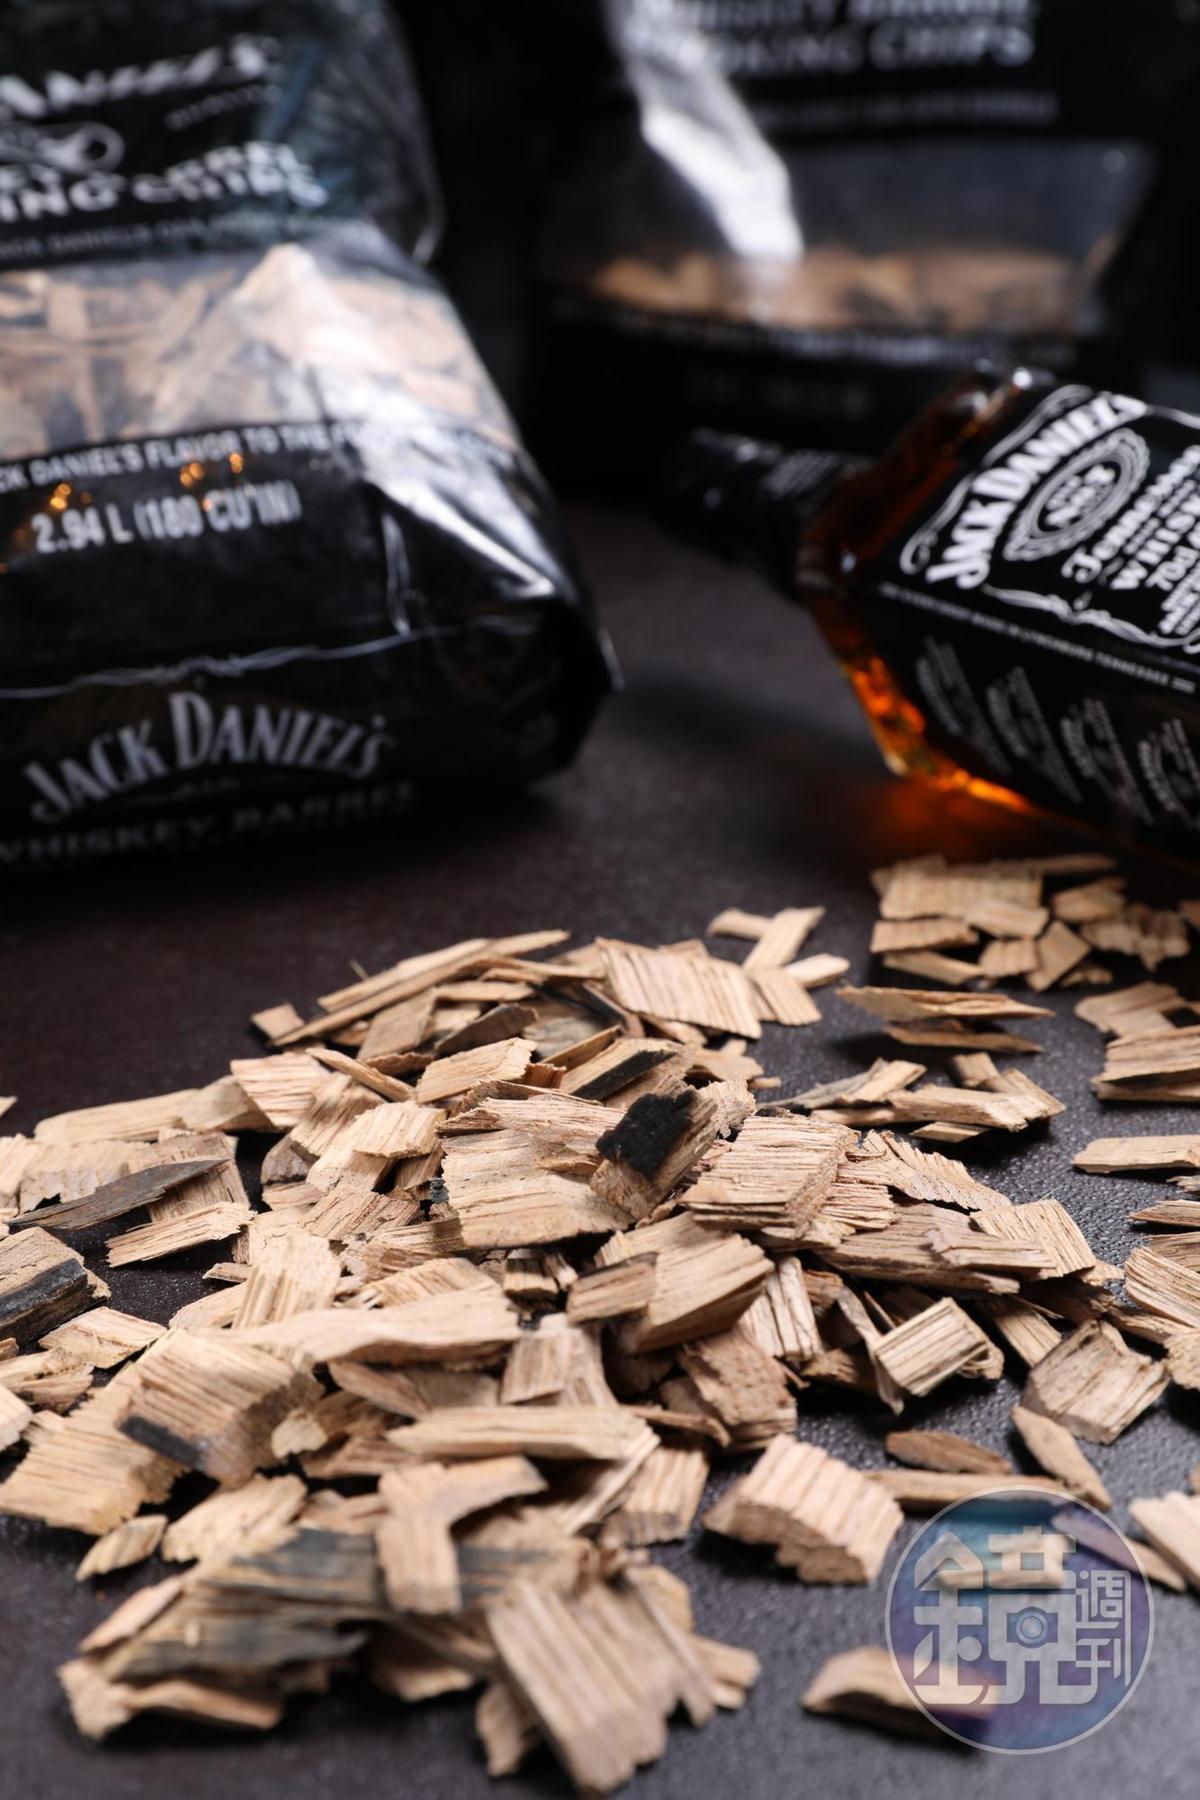 傑克丹尼橡木桶木塊為燒烤大大加分。